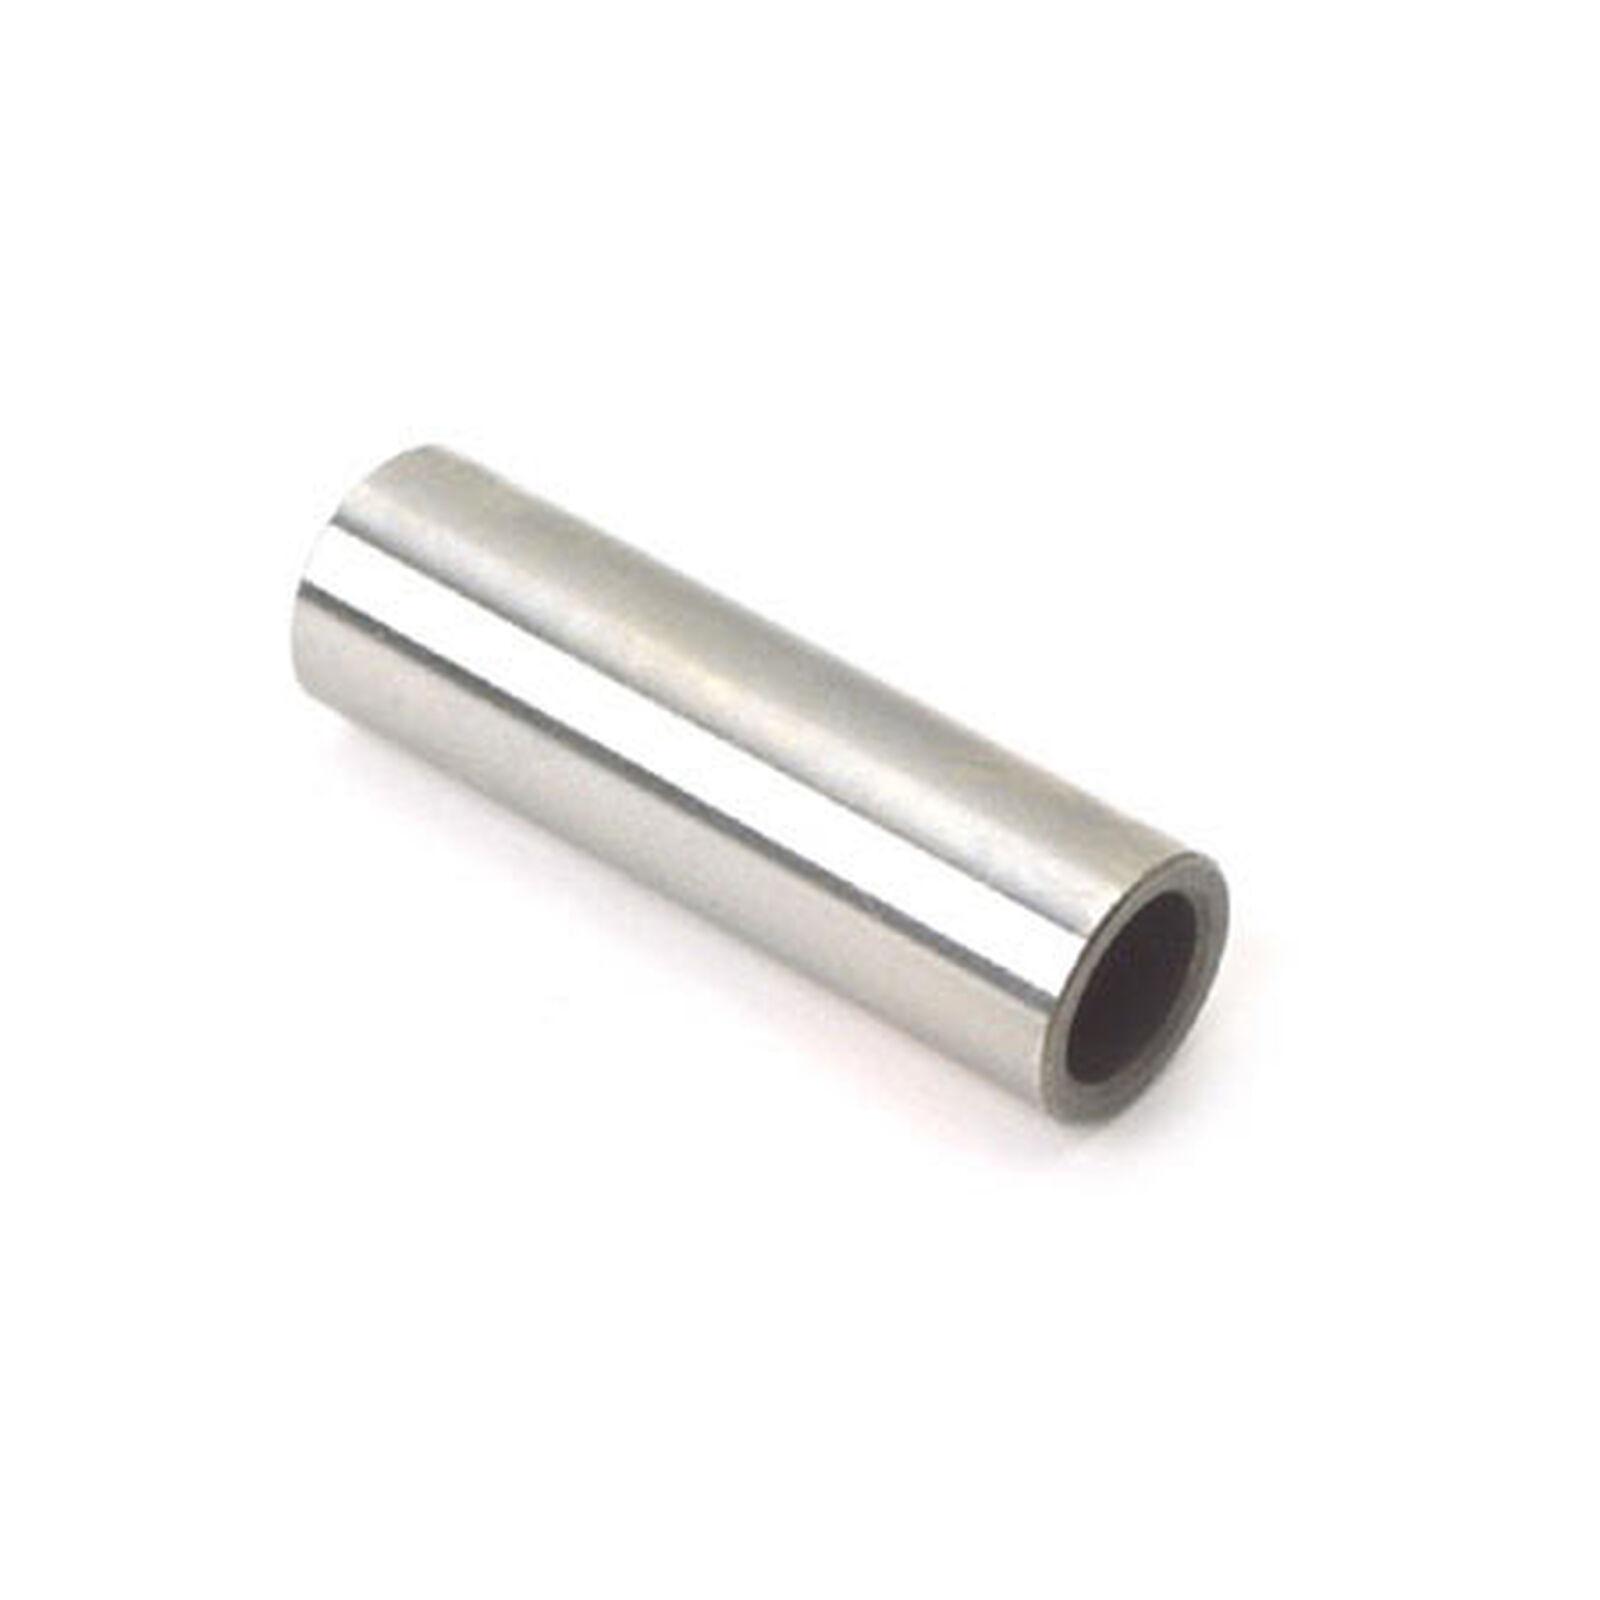 Z445/GT80 Piston Pin